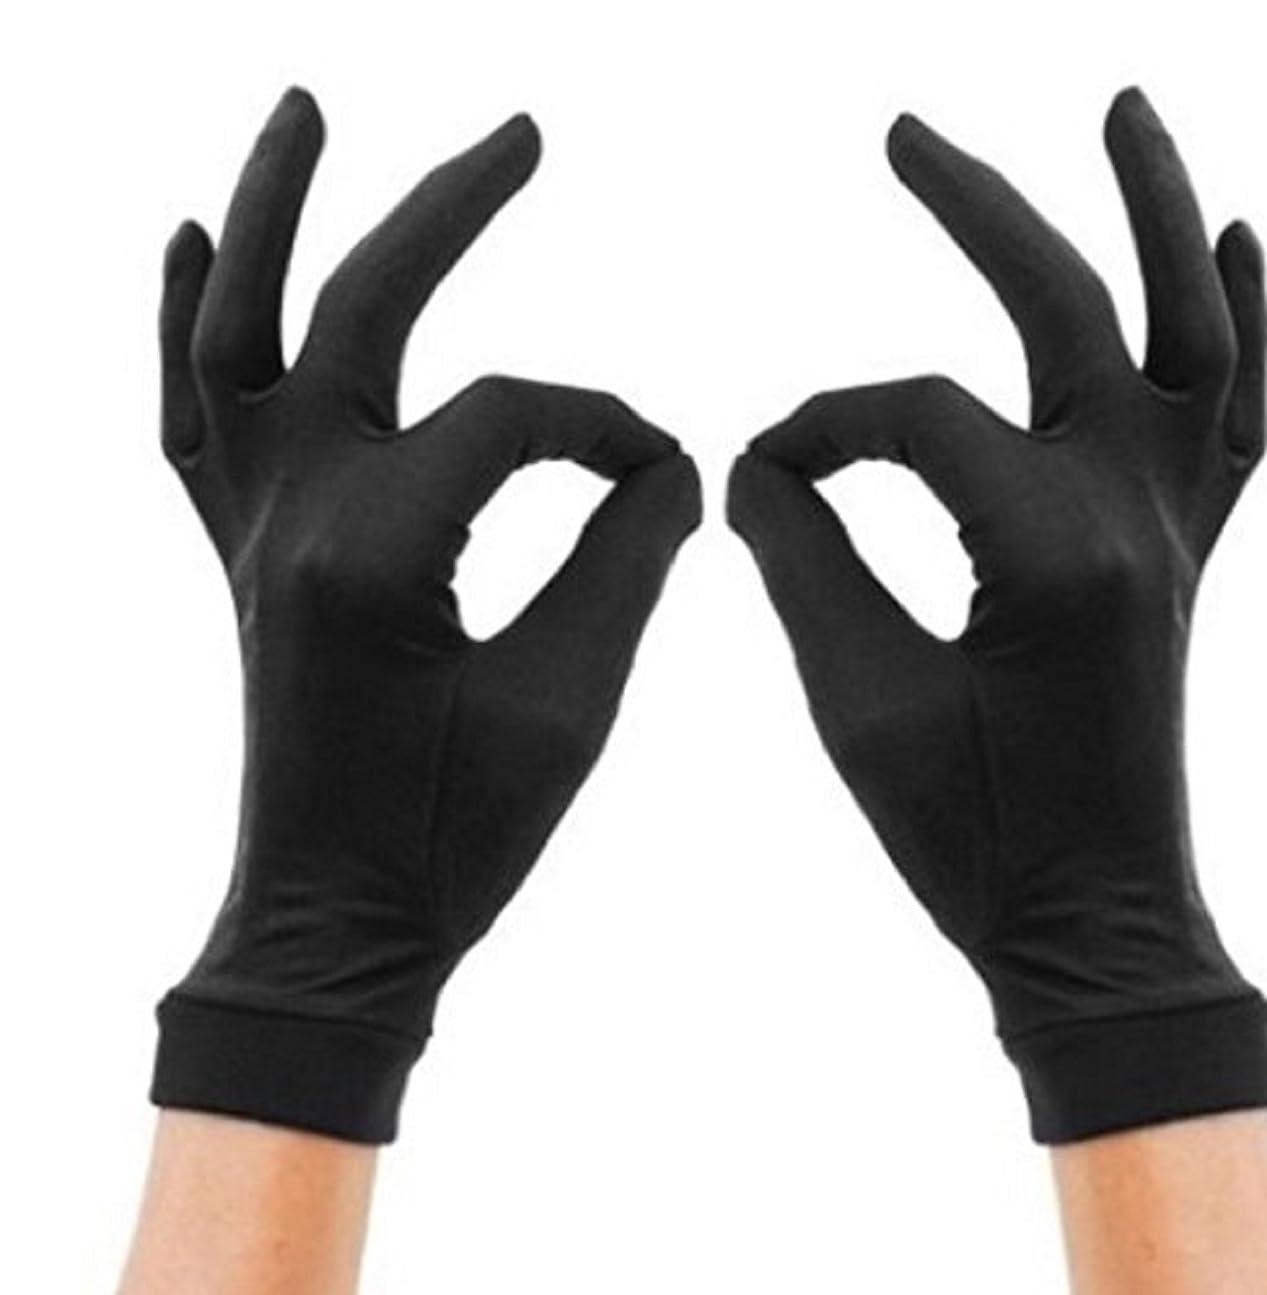 税金いわゆる工業用CREPUSCOLO 手荒れ対策! シルク手袋 おやすみ 手袋 保湿ケア UVカット ハンドケア シルク100% 全7色 ブラック